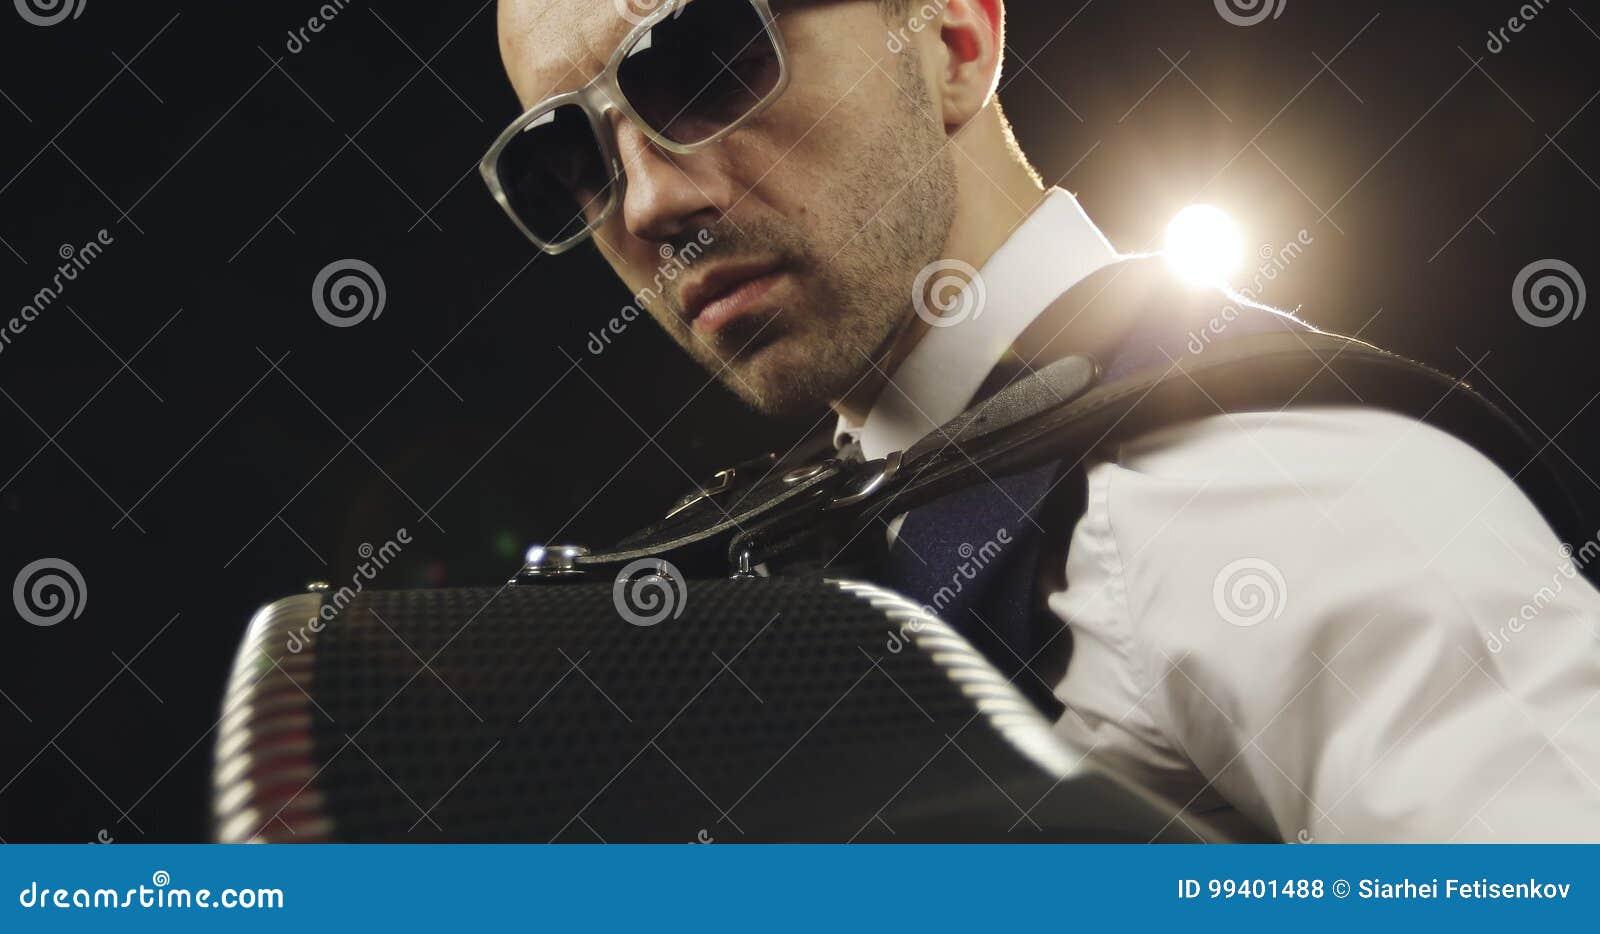 Músico Gafas Del Cara De La Trasera Luz En Una Brillante Sol rCexoWdB